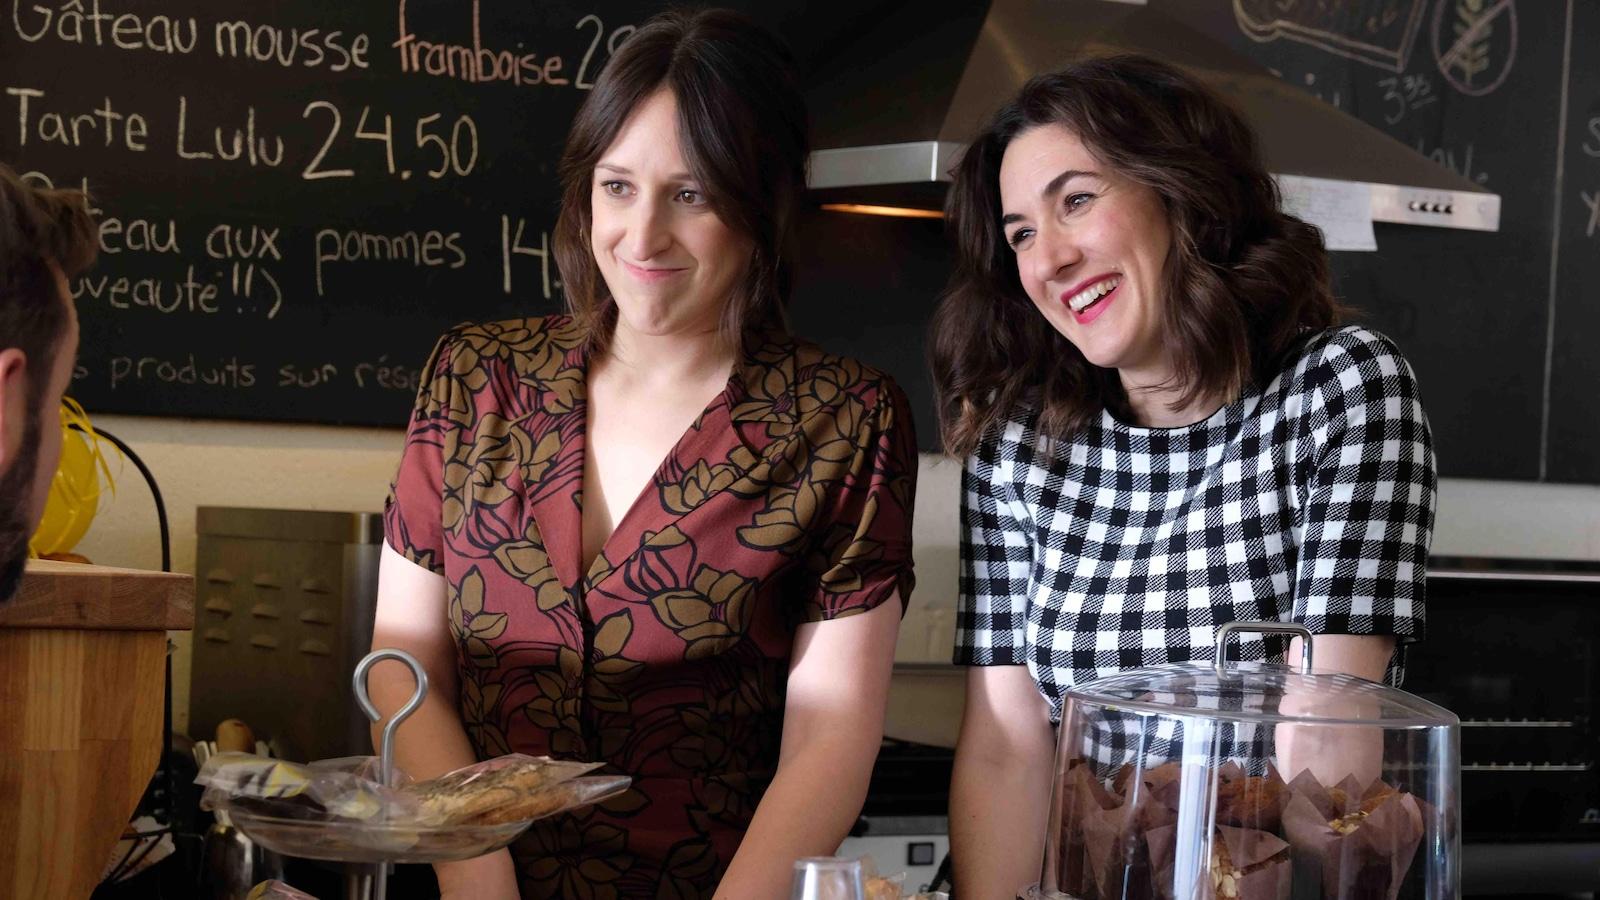 Maxim et Elizabeth sont derrière le comptoir d'un café qui contient des pâtisseries.